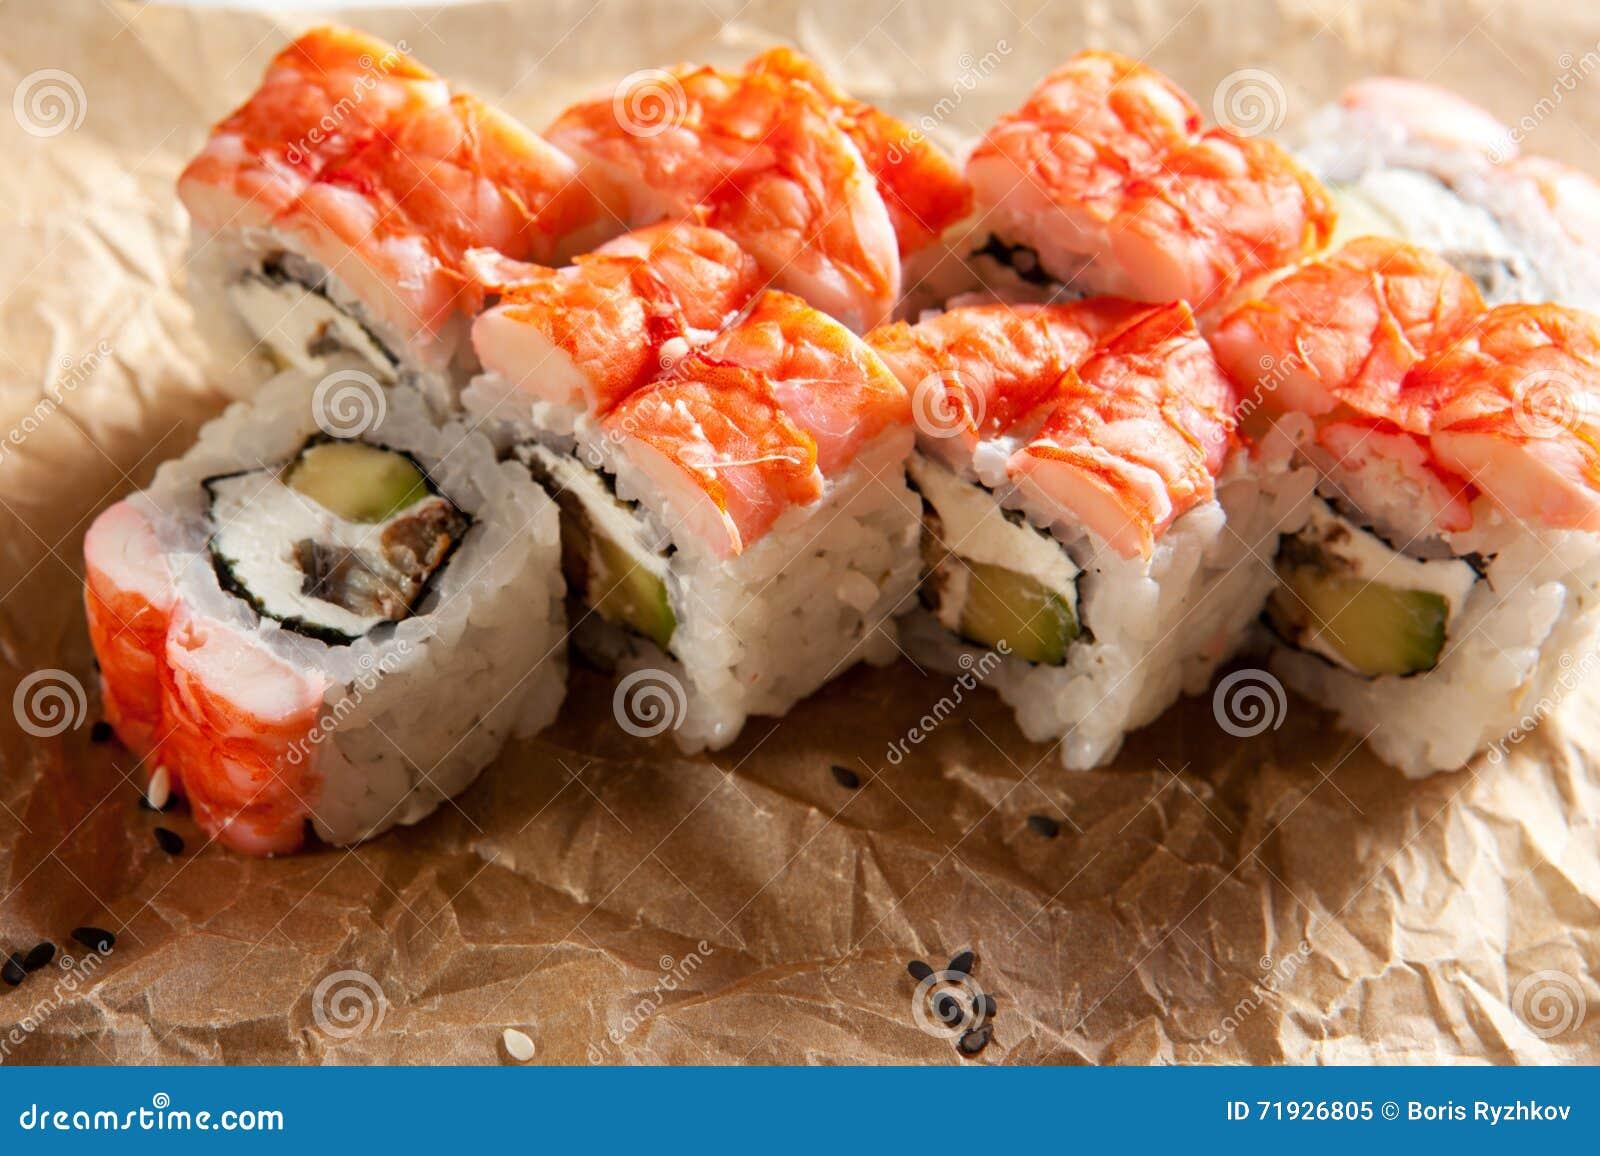 Японская кухня - суши